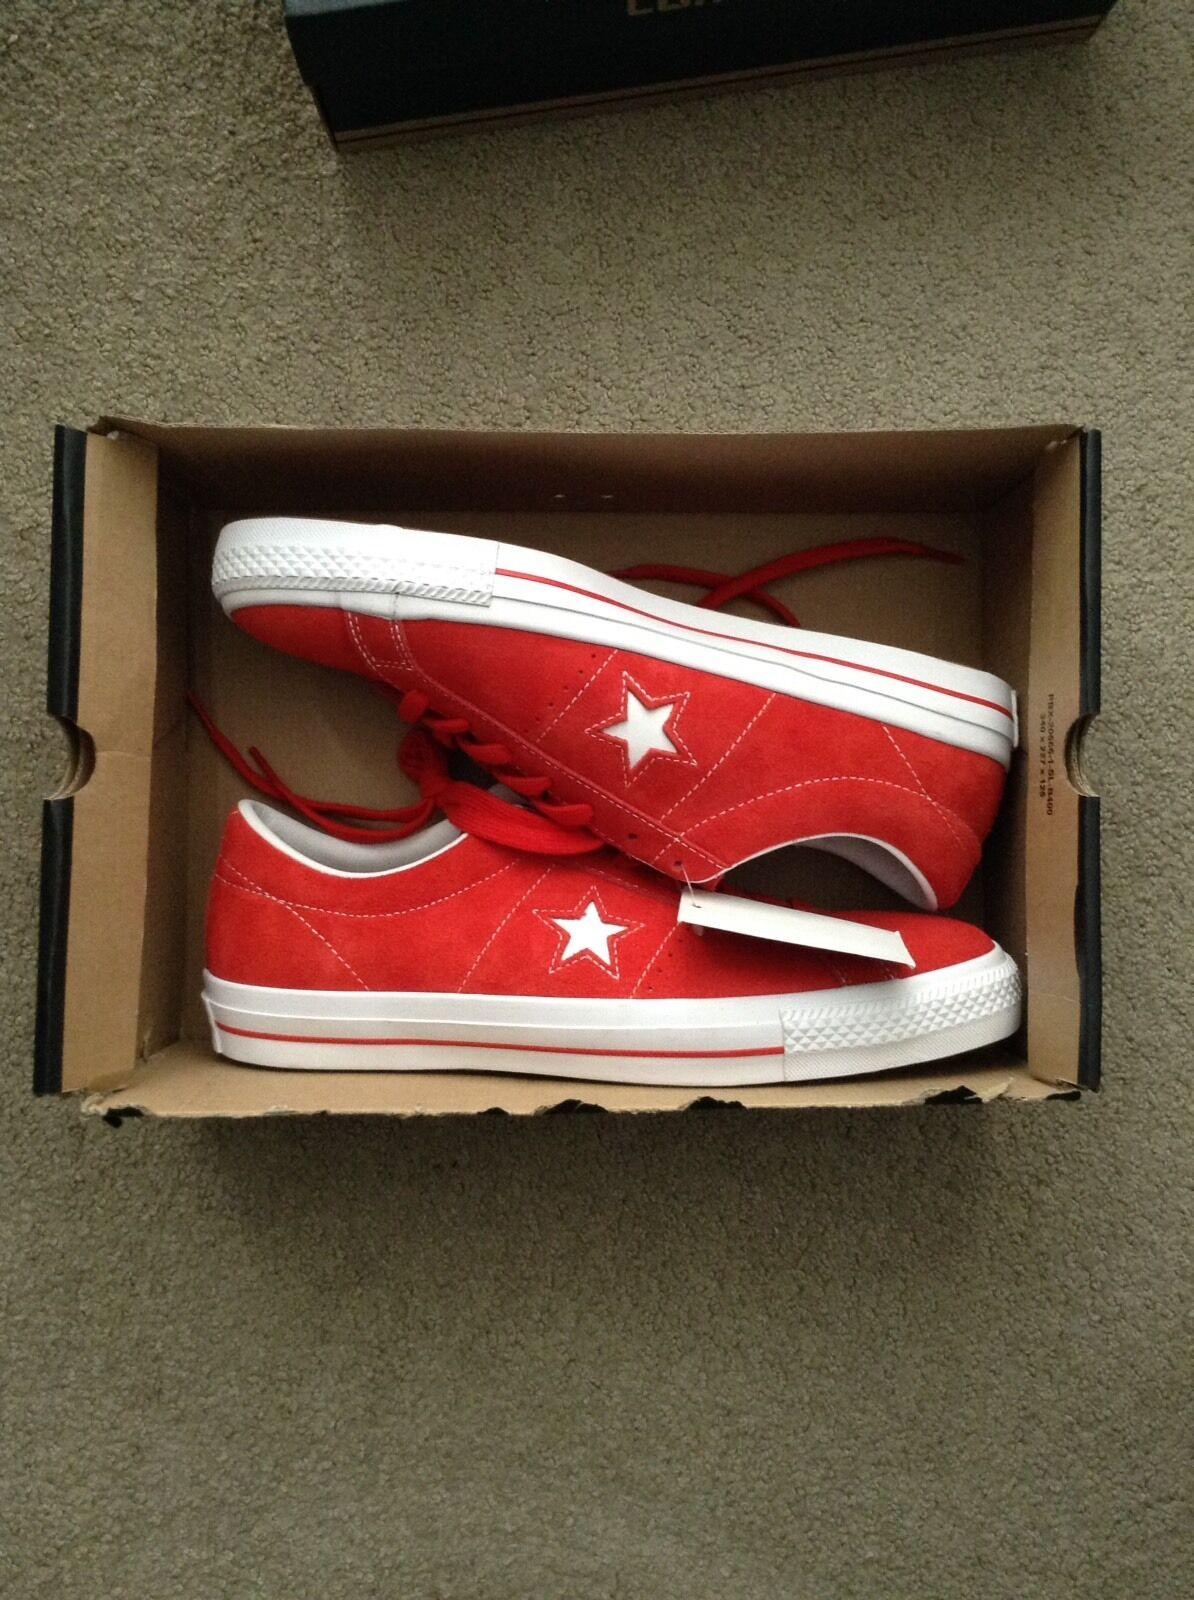 NEW Converse Cons One Star Red Suede OX Lunarlon size 11.5 Scarpe classiche da uomo